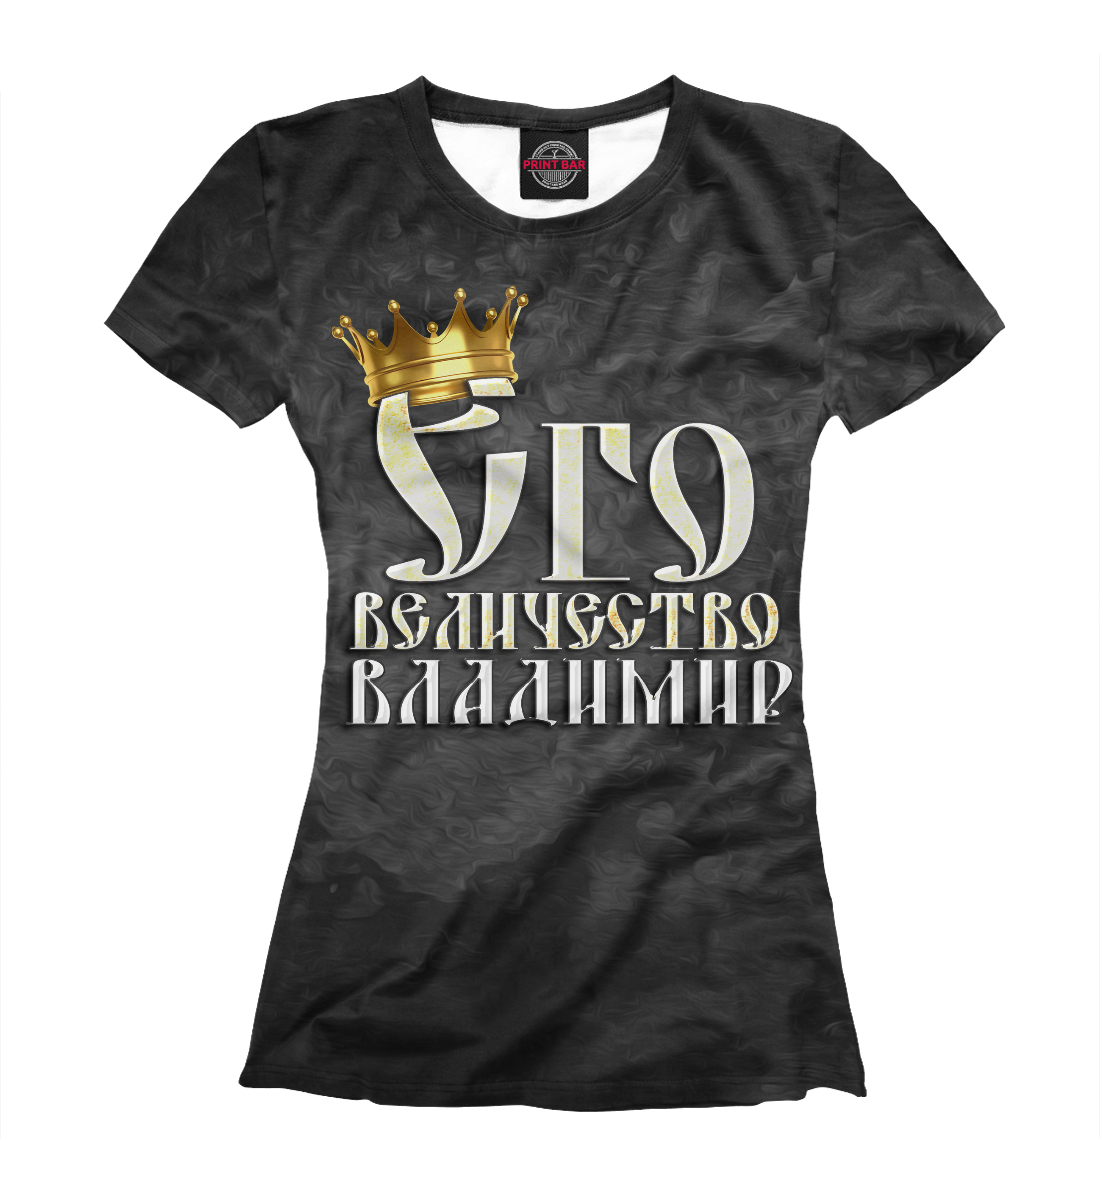 Купить Его величество Владимир, Printbar, Футболки, IMR-989425-fut-1